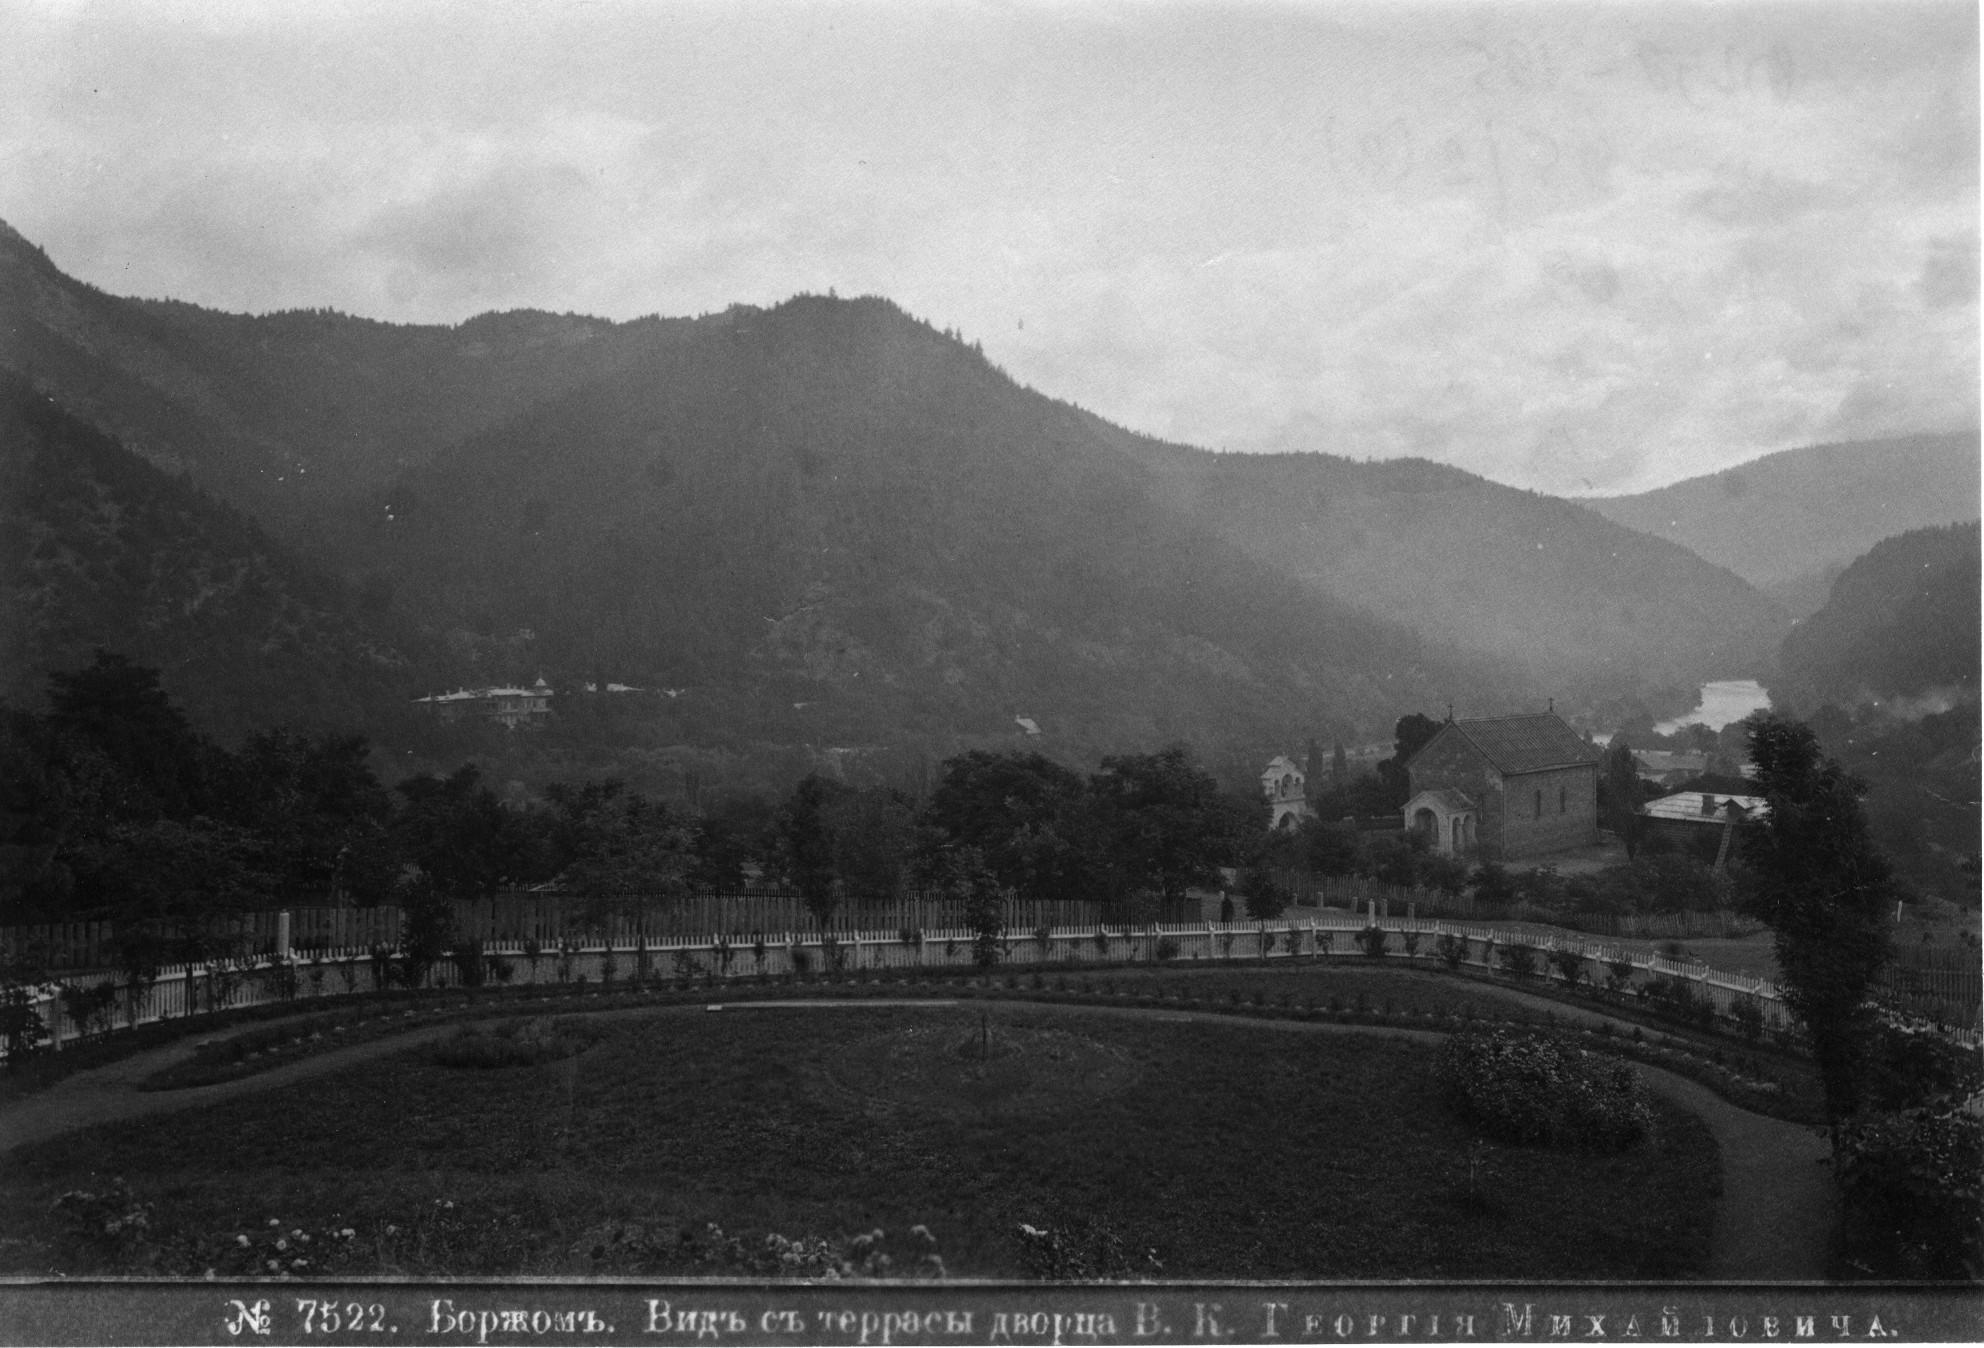 Вид с террасы дворца В. К. Георгия Михайловича